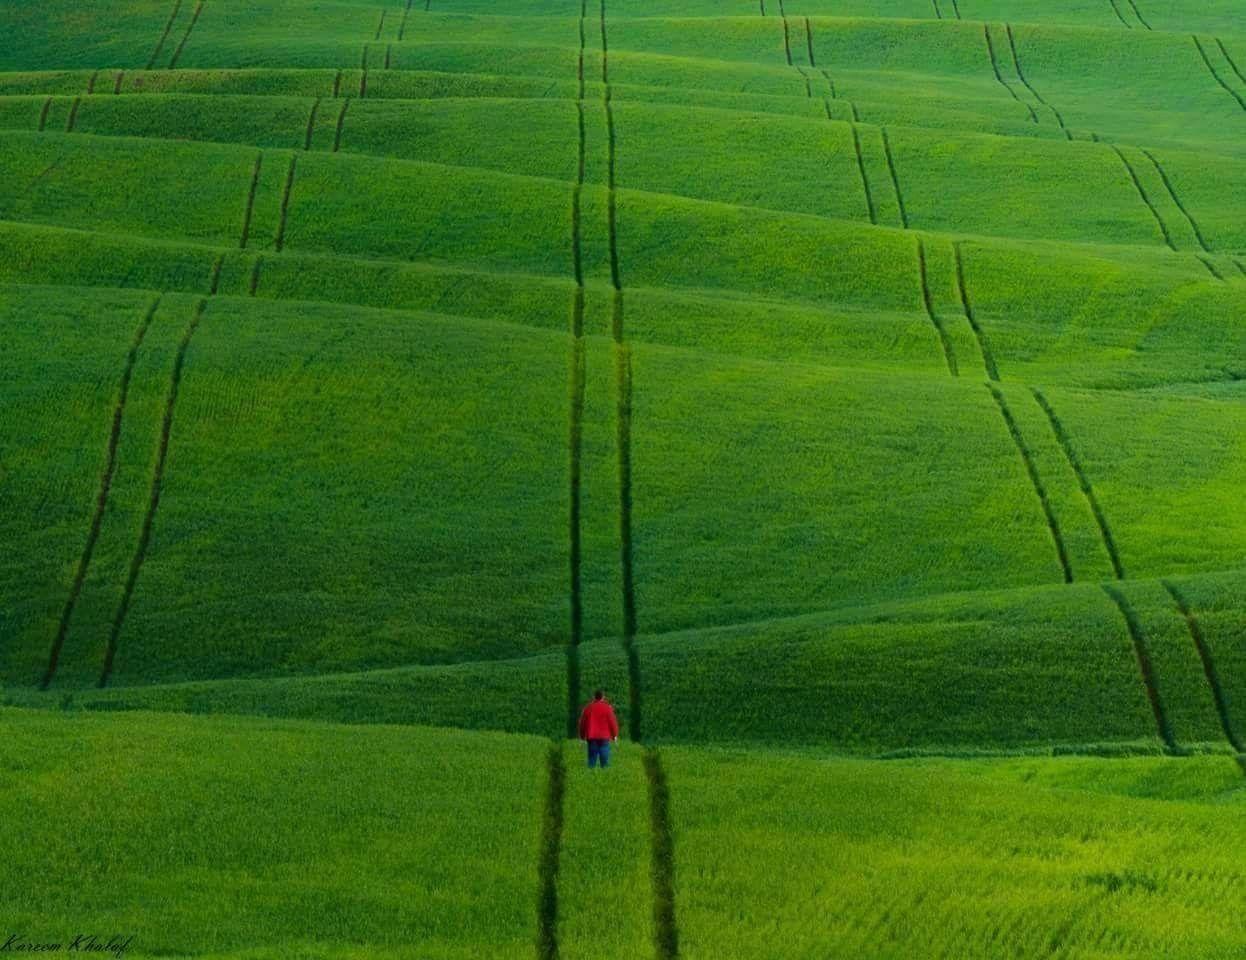 صورة من مزارع القمح في النقب جنوب فلسطين المحتلة تصوير كريم خلف